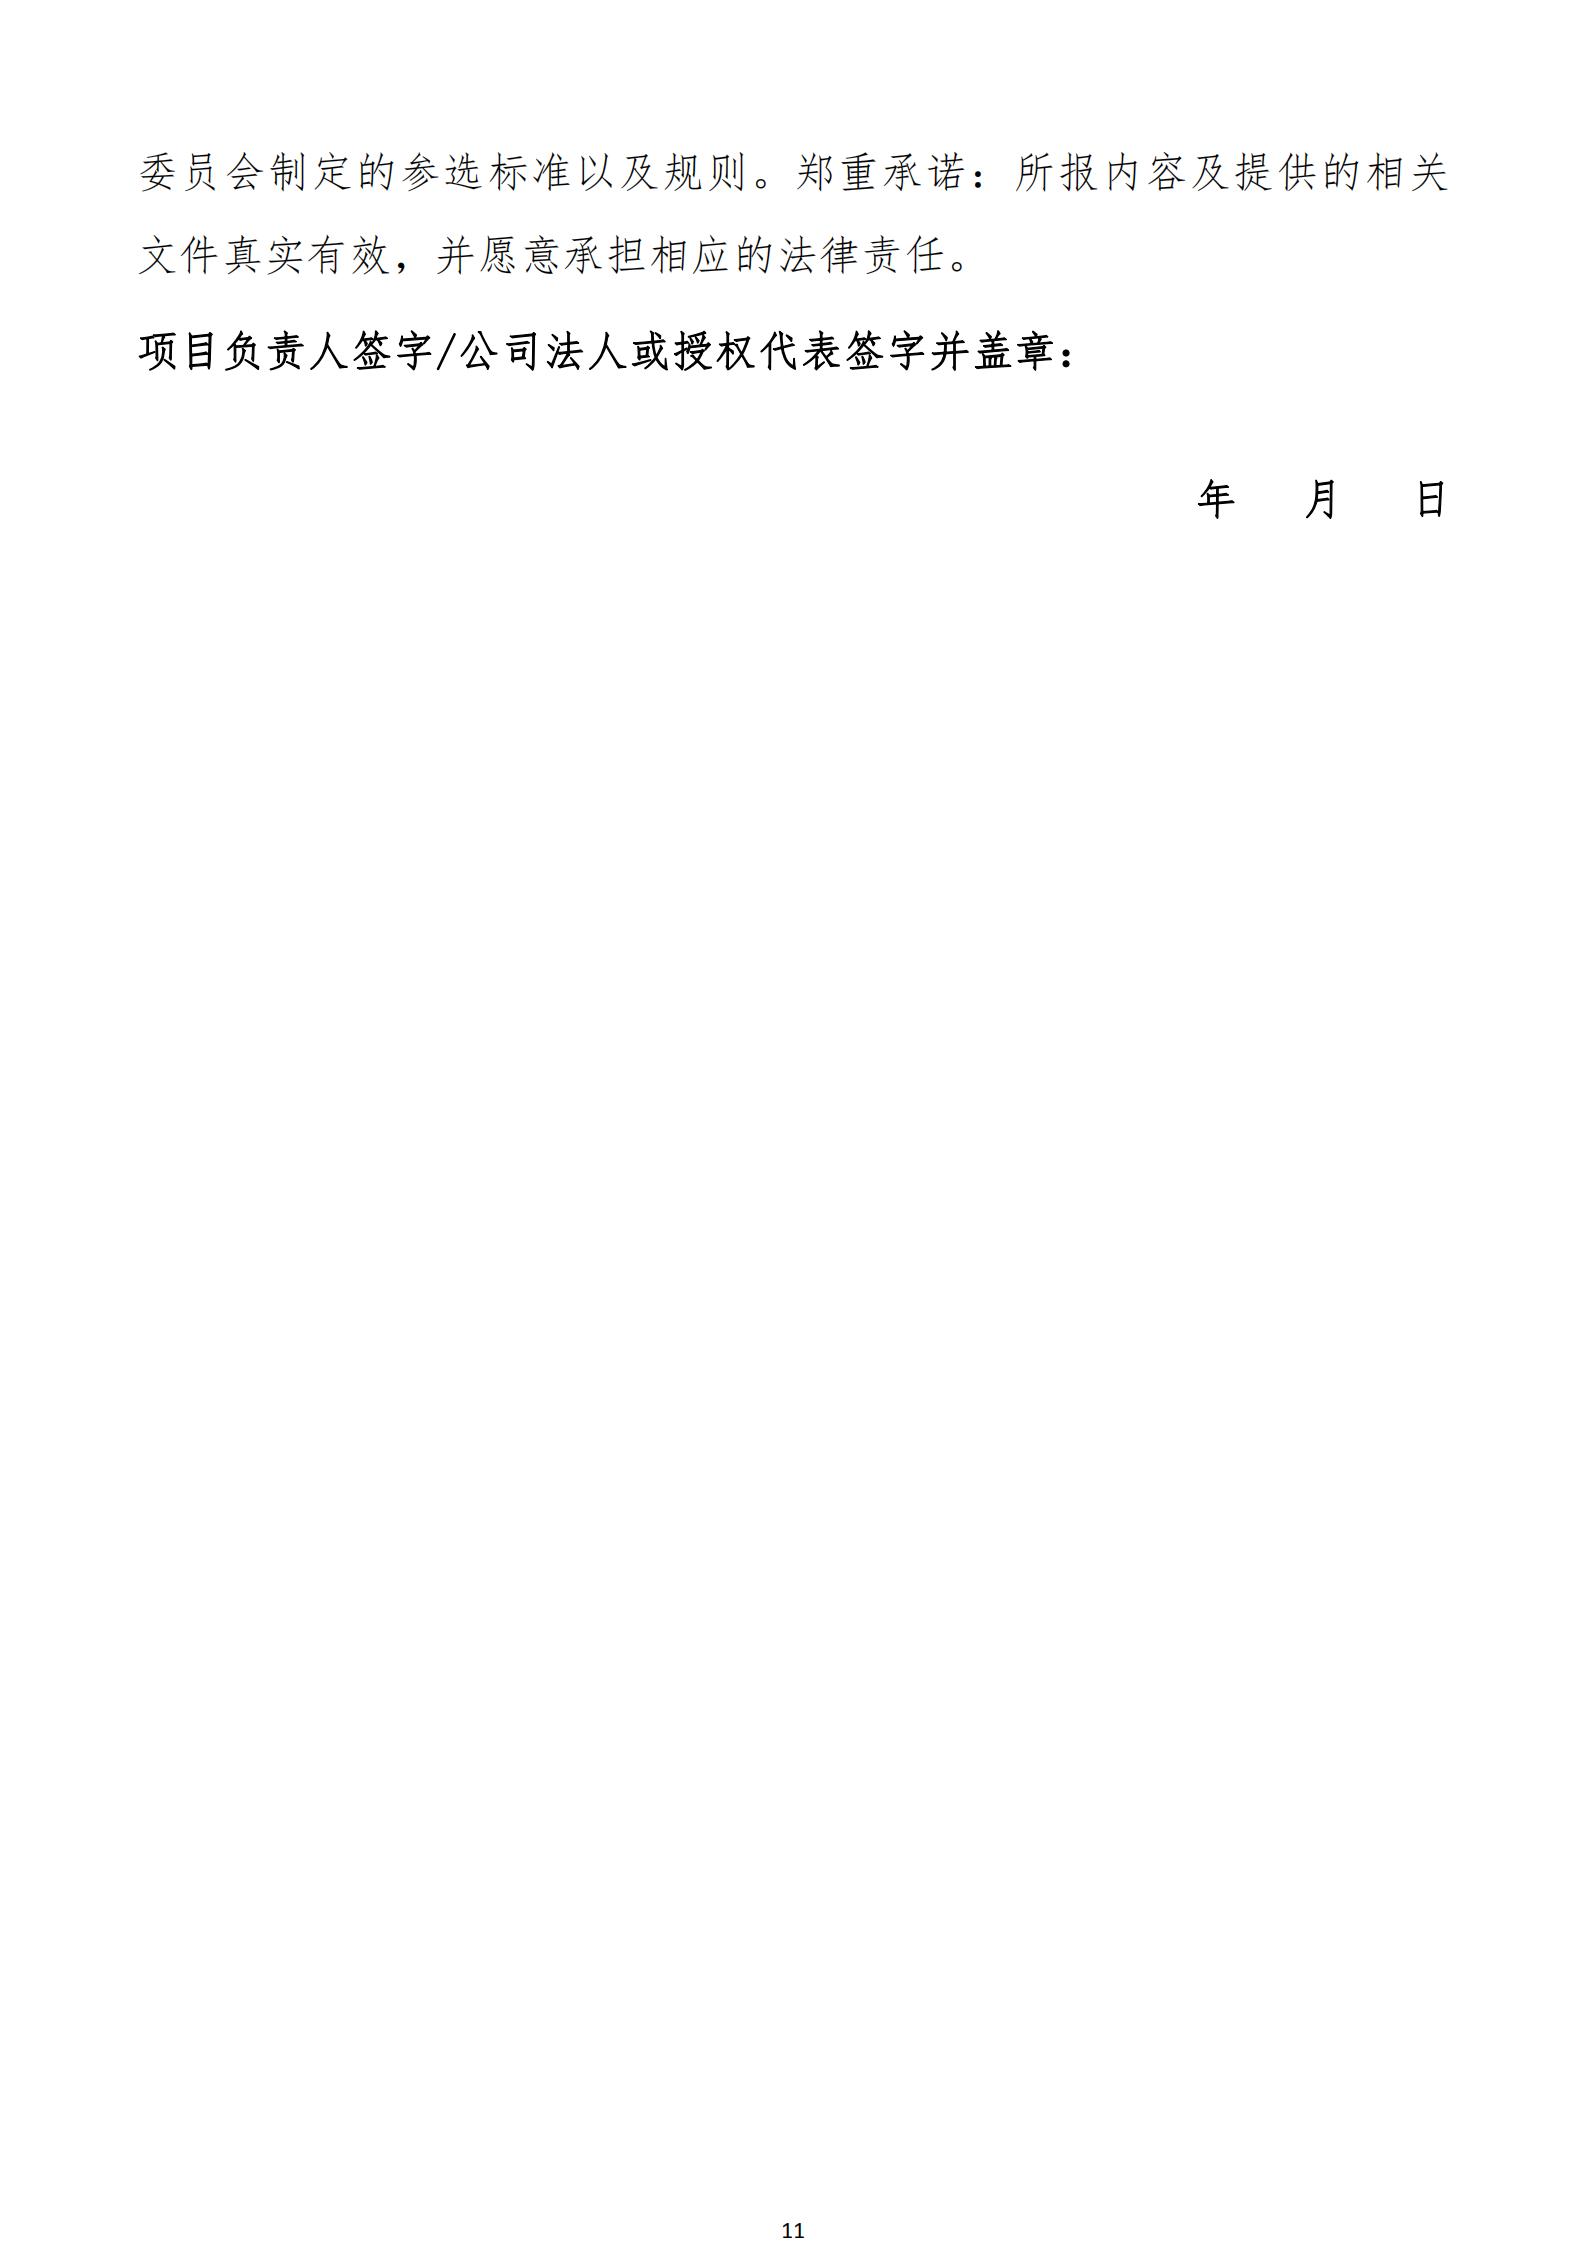 2020第二届大会榜单(系列)活动的通知_10.png